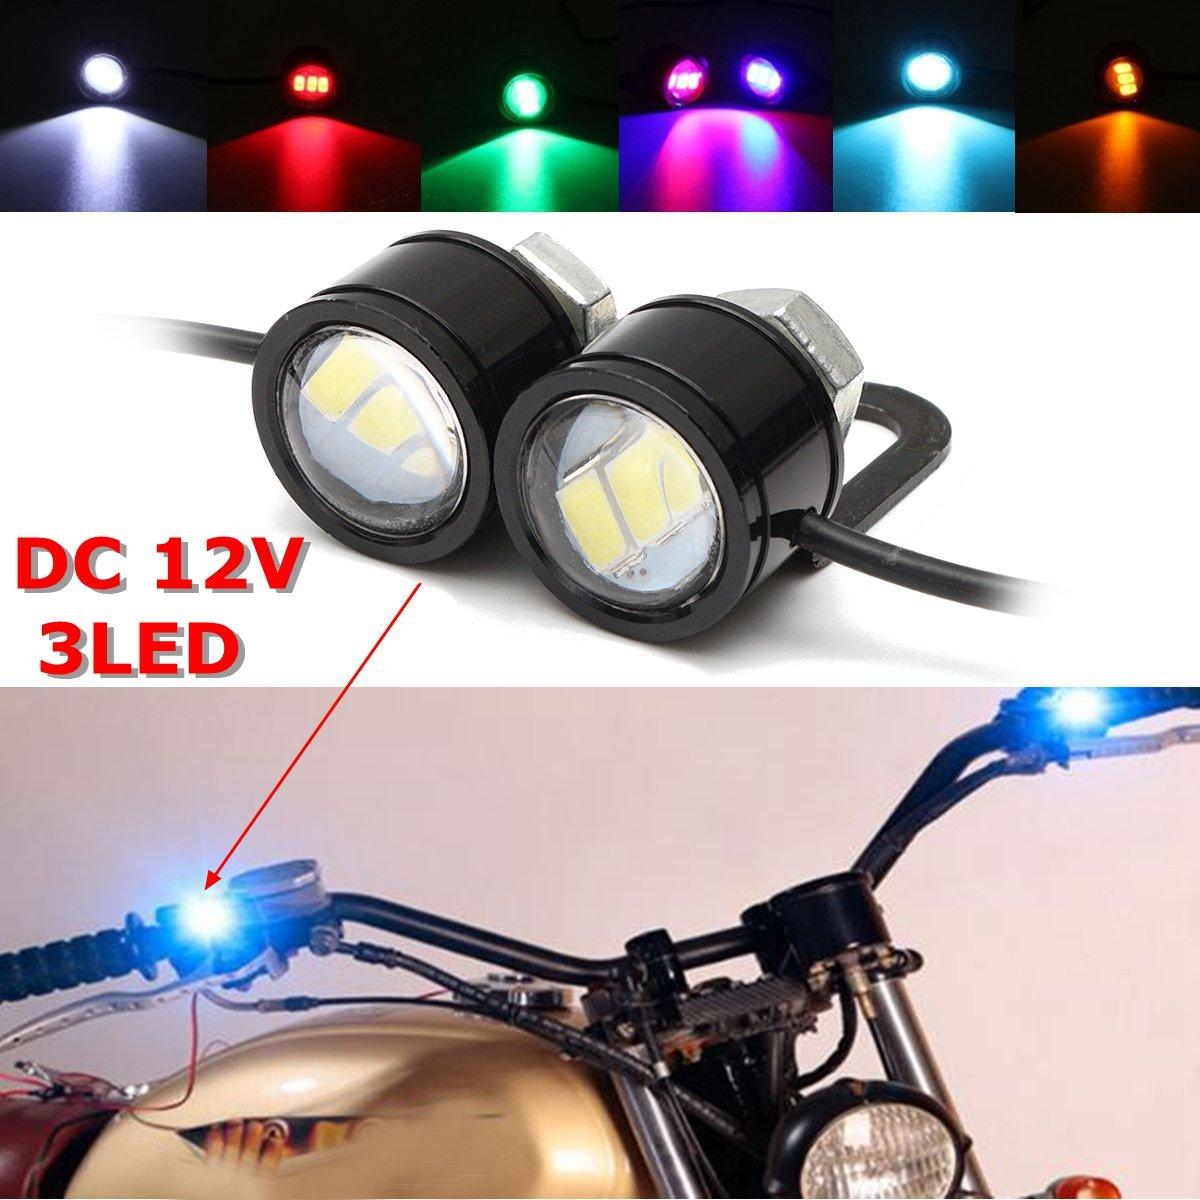 New 2pcs LED Eagle Eye Lamp Strobe Flash DRL Bicycle Motorycle Car ATV Light 12v